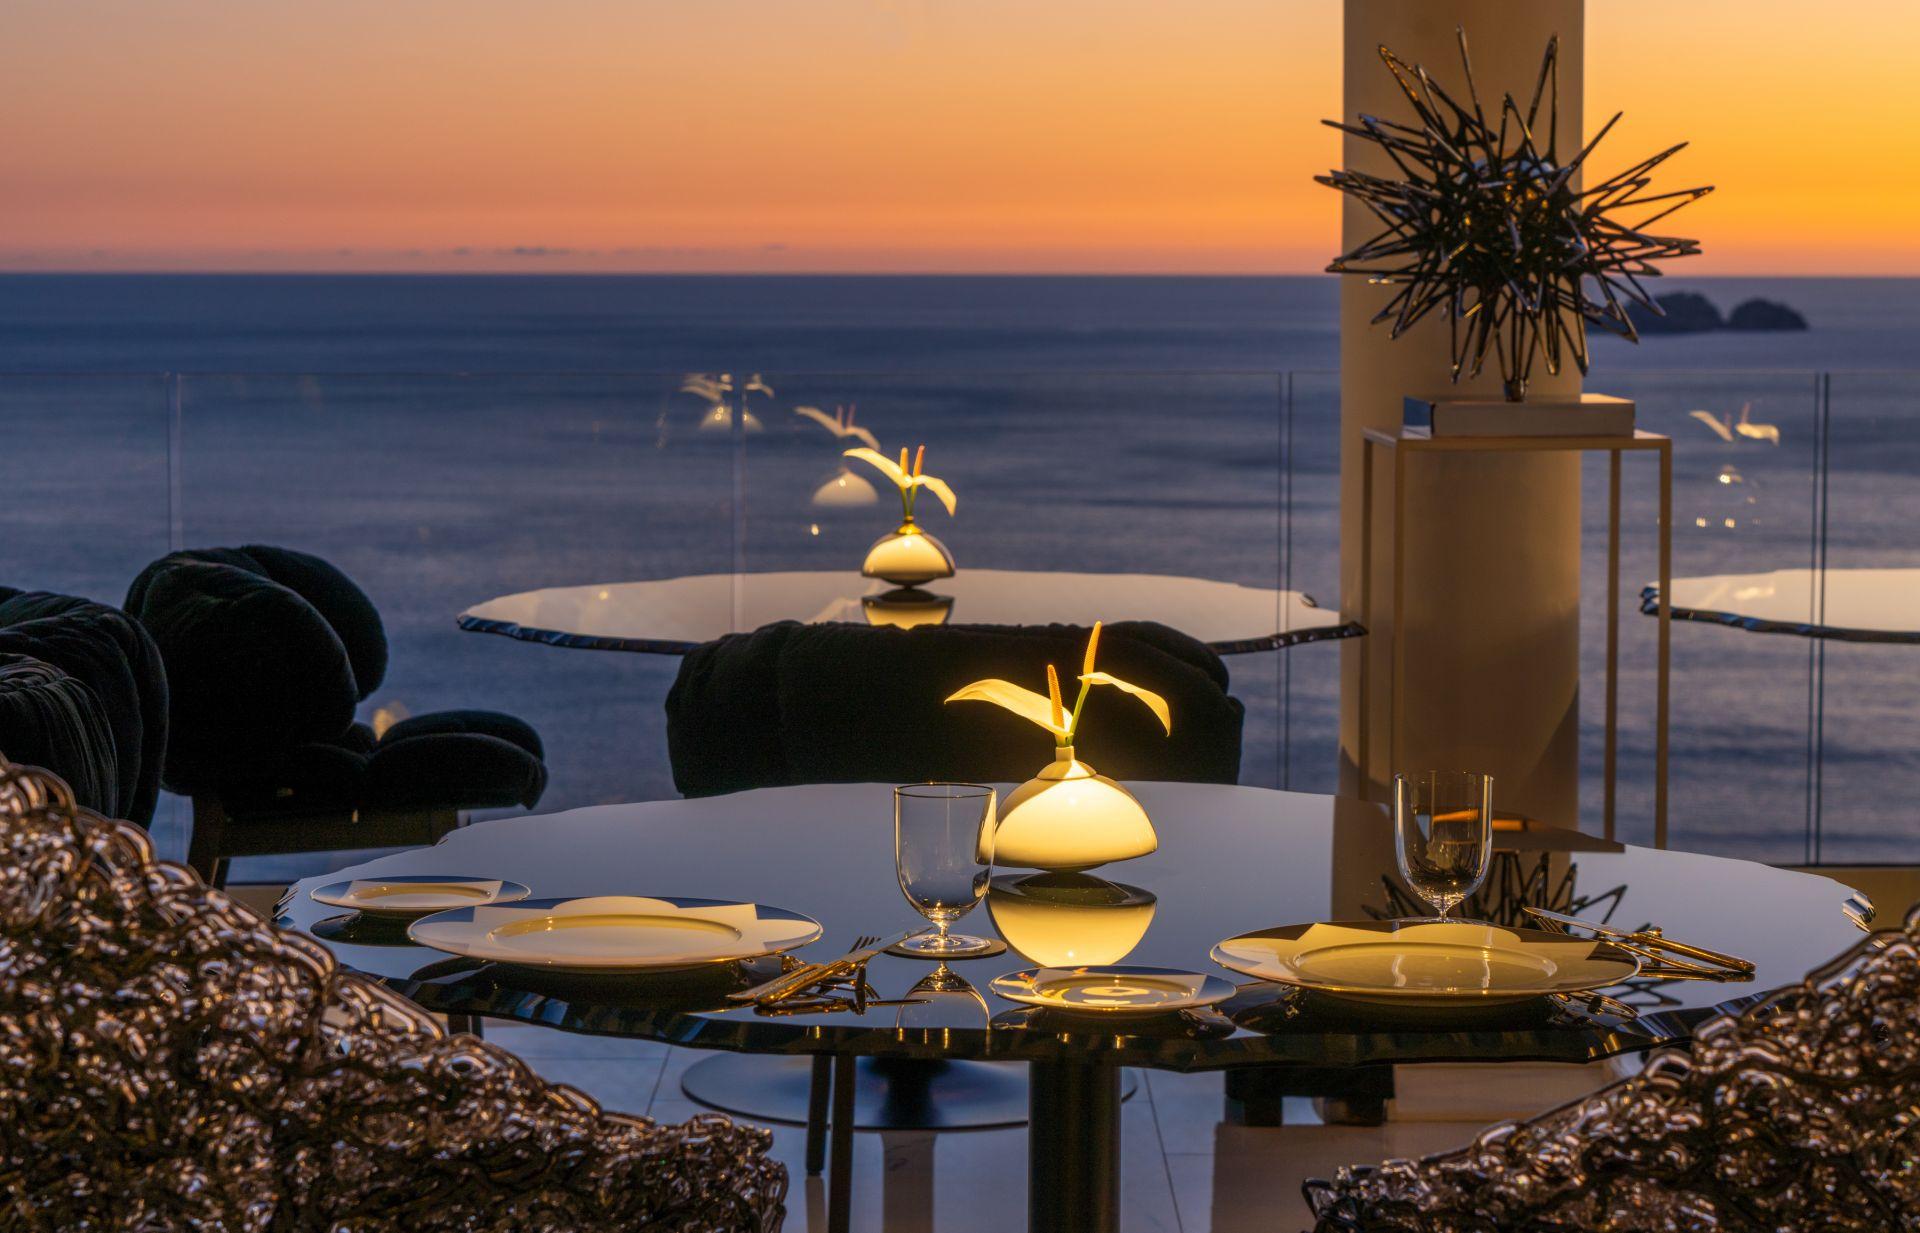 Hotel Villa Franca - Positano - image 11